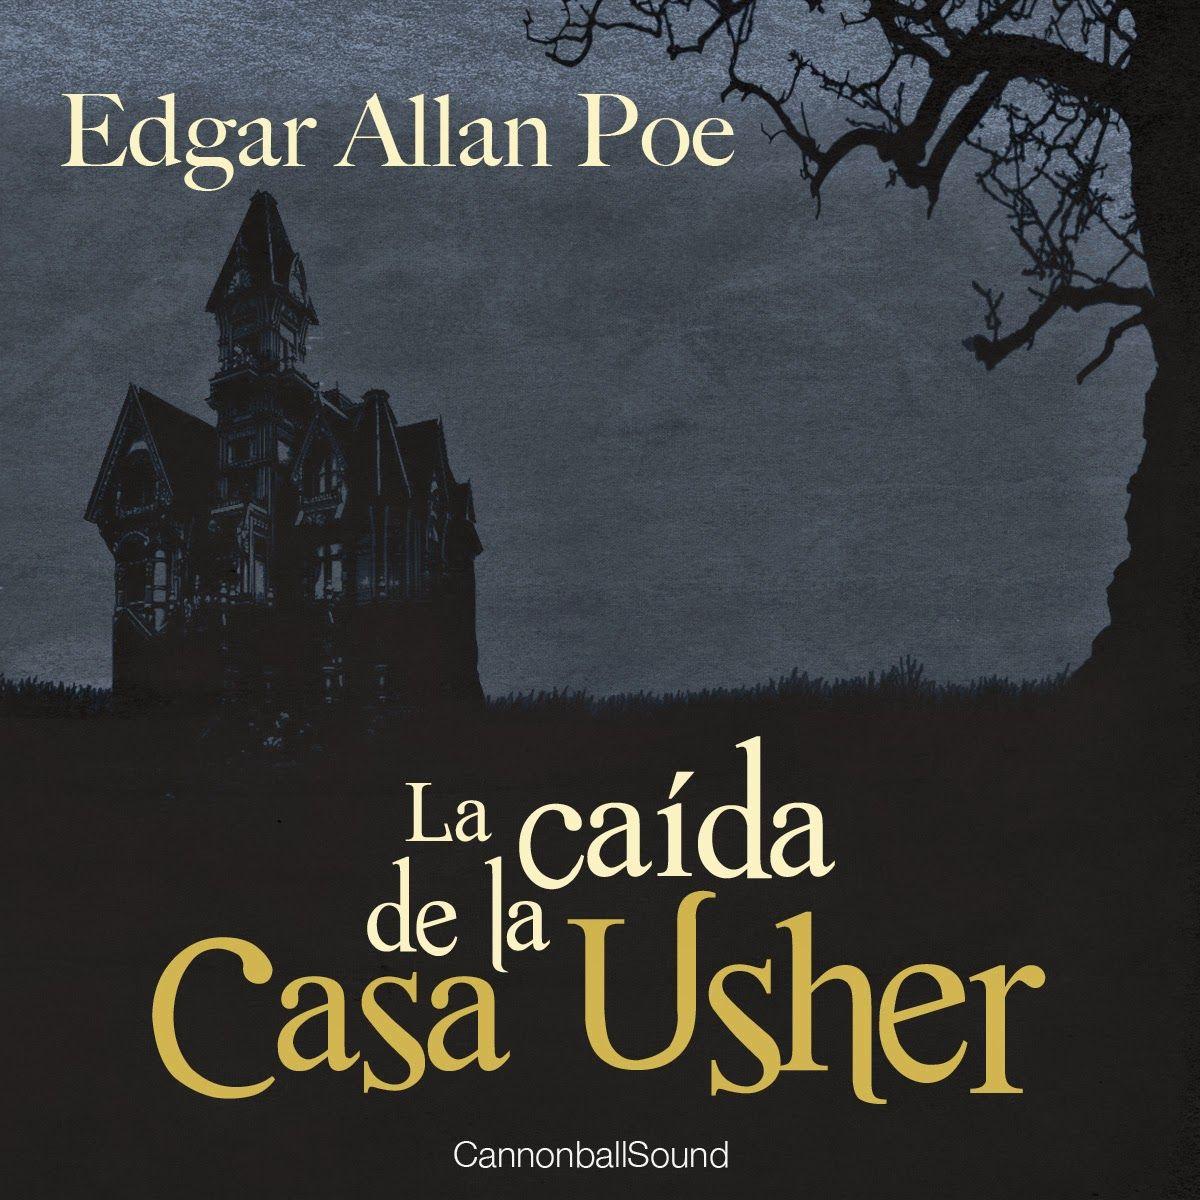 La Caida De La Casa Usher Edgar Allan Poe Audio Libros